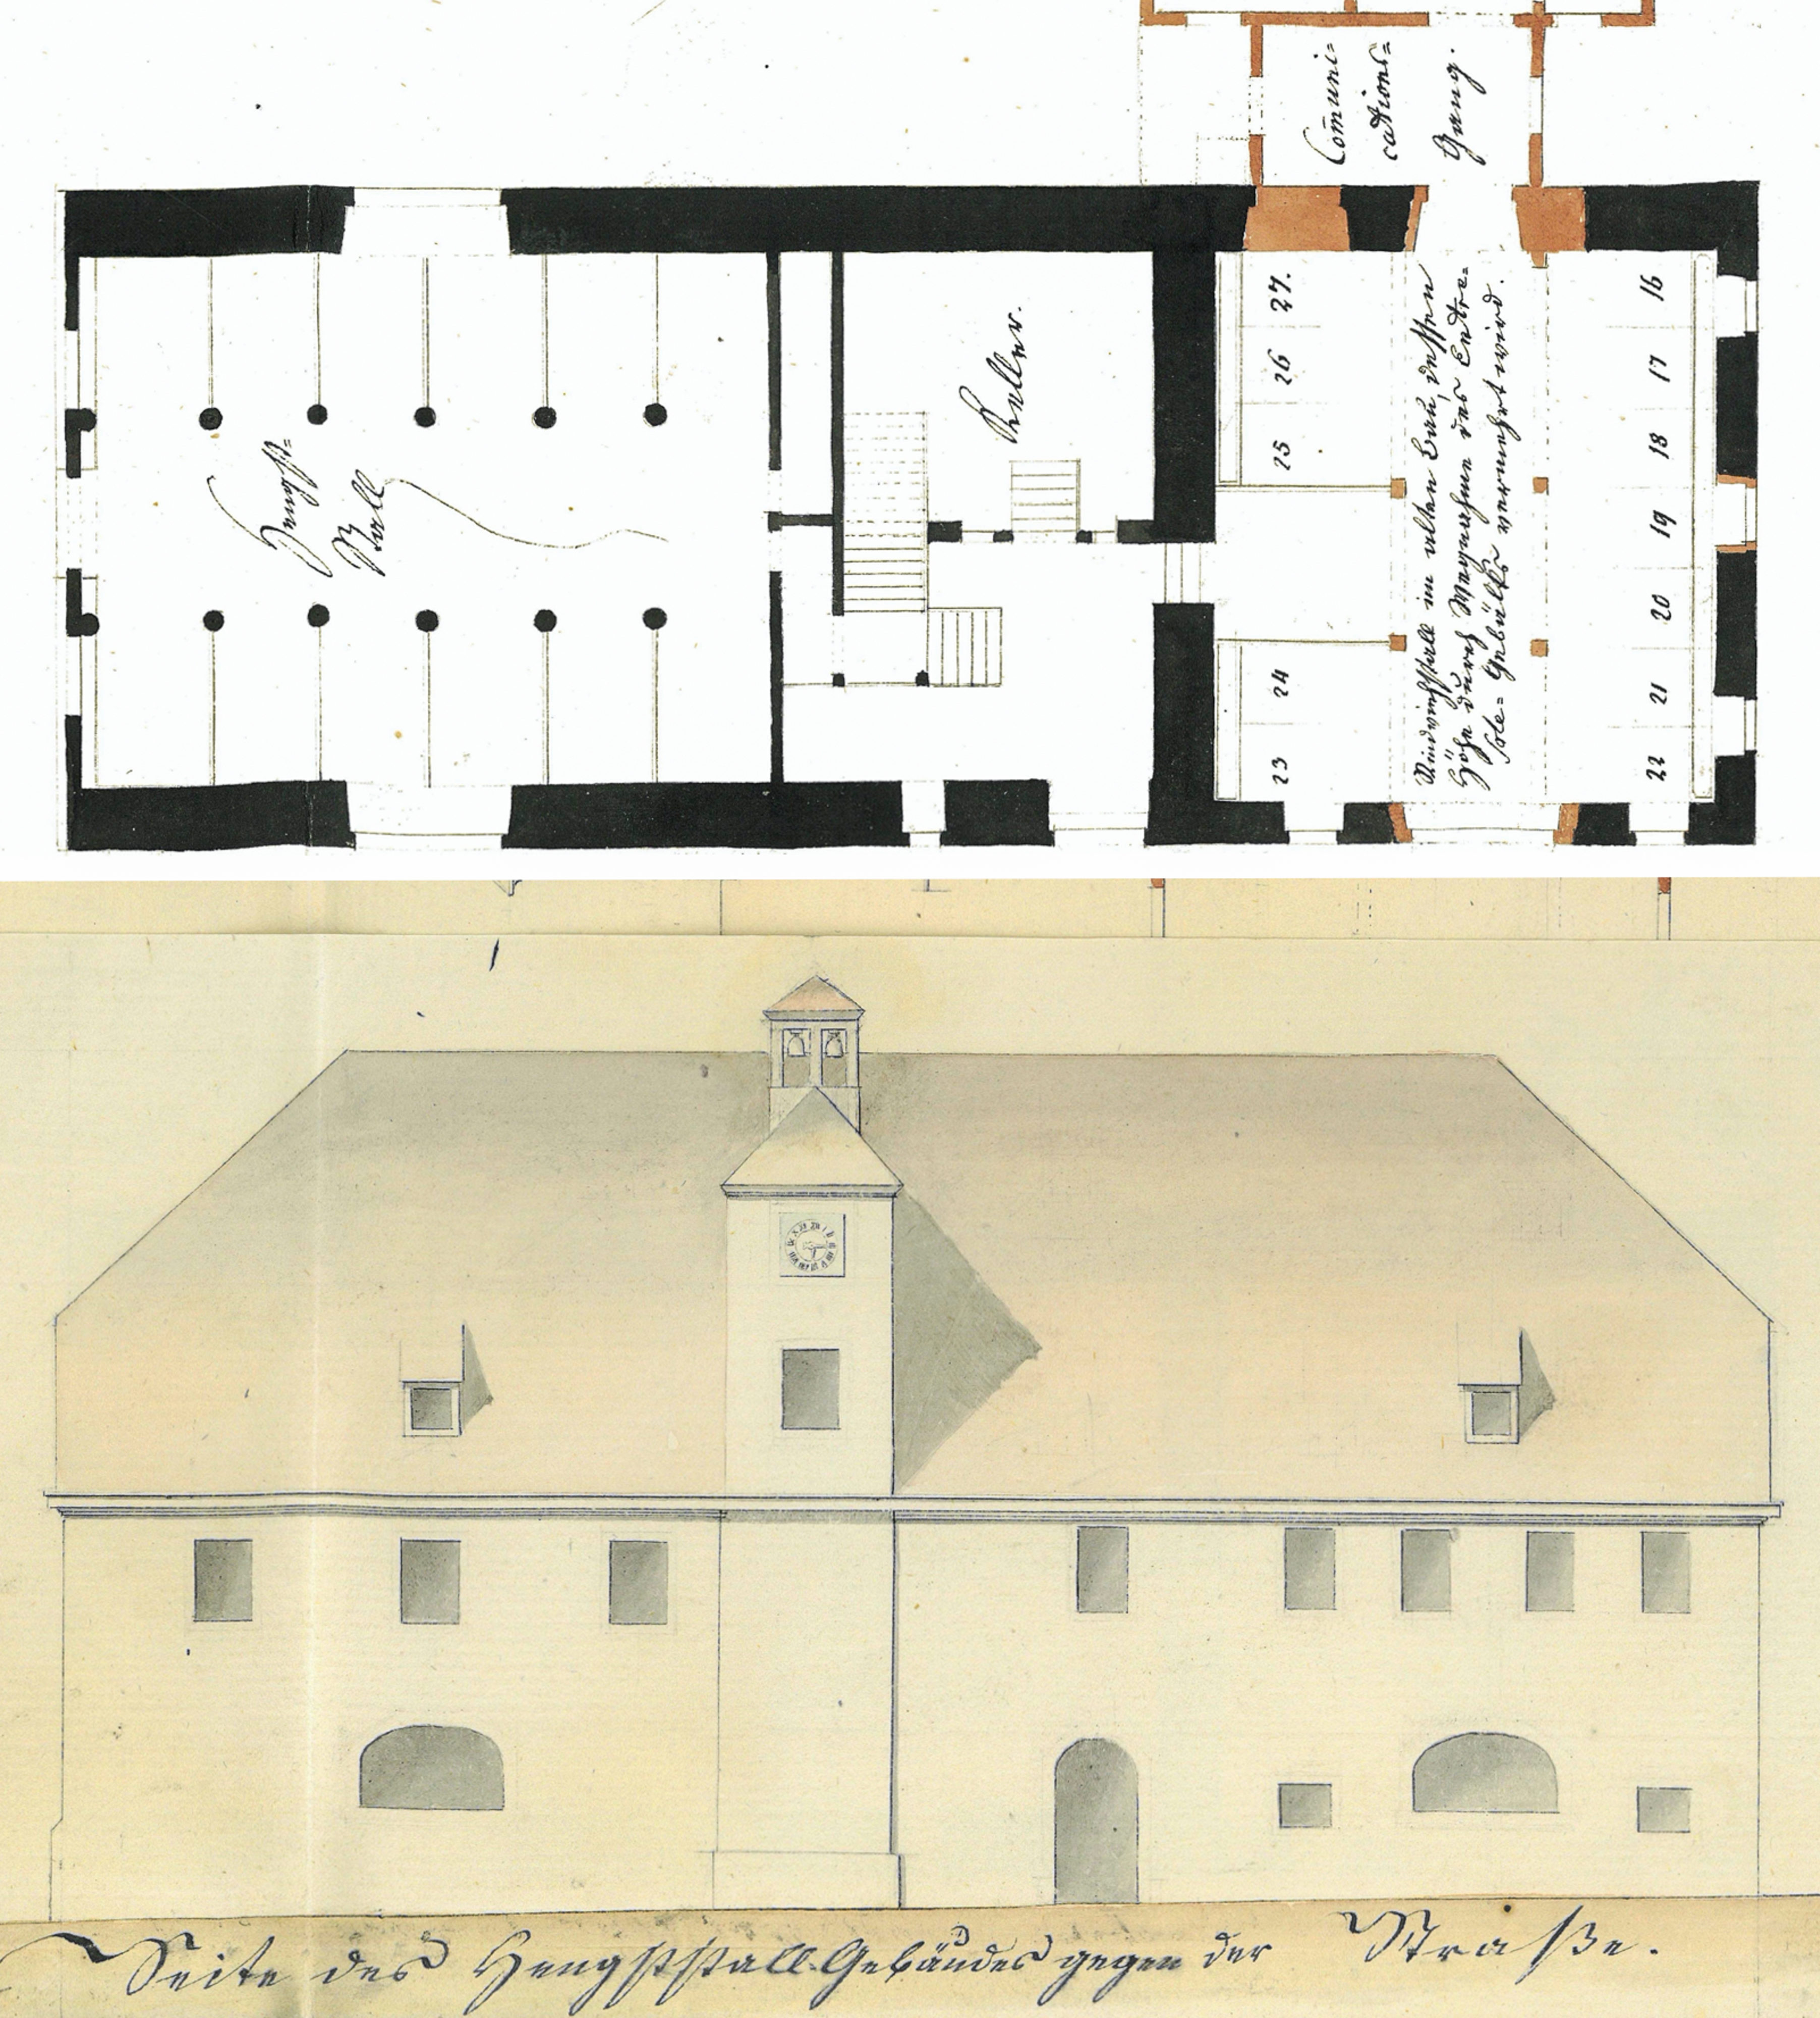 Aufriss und Grundriss Hengststall Gestüt Weil Giovanni Salucci